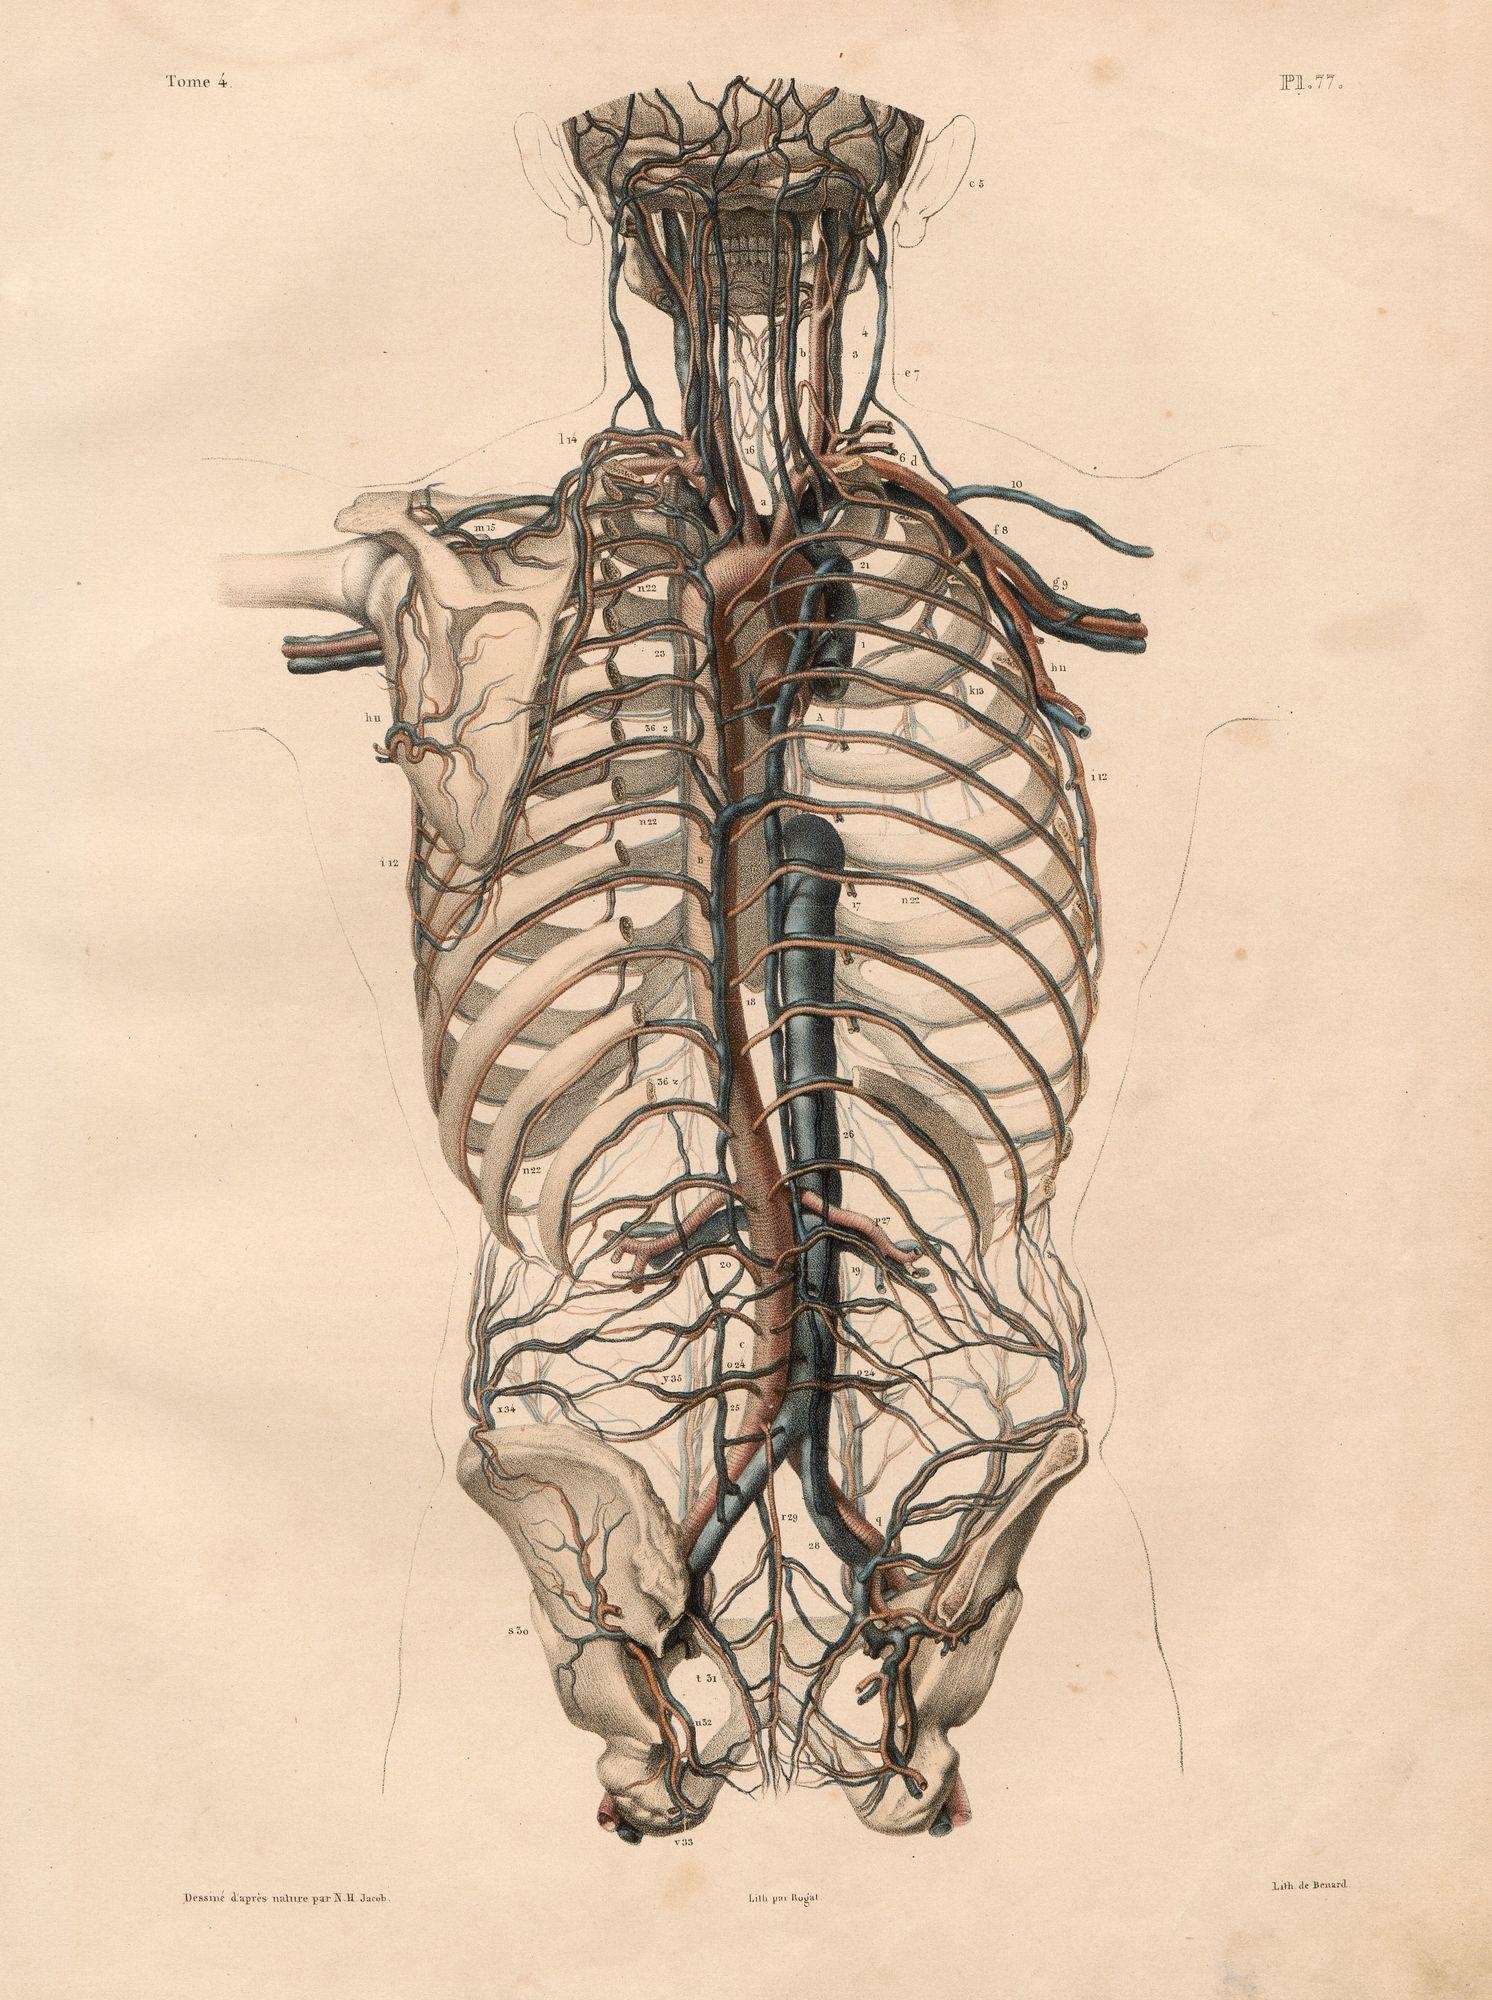 HeidICON: Anordnung von Arterien und Venen im Rumpf